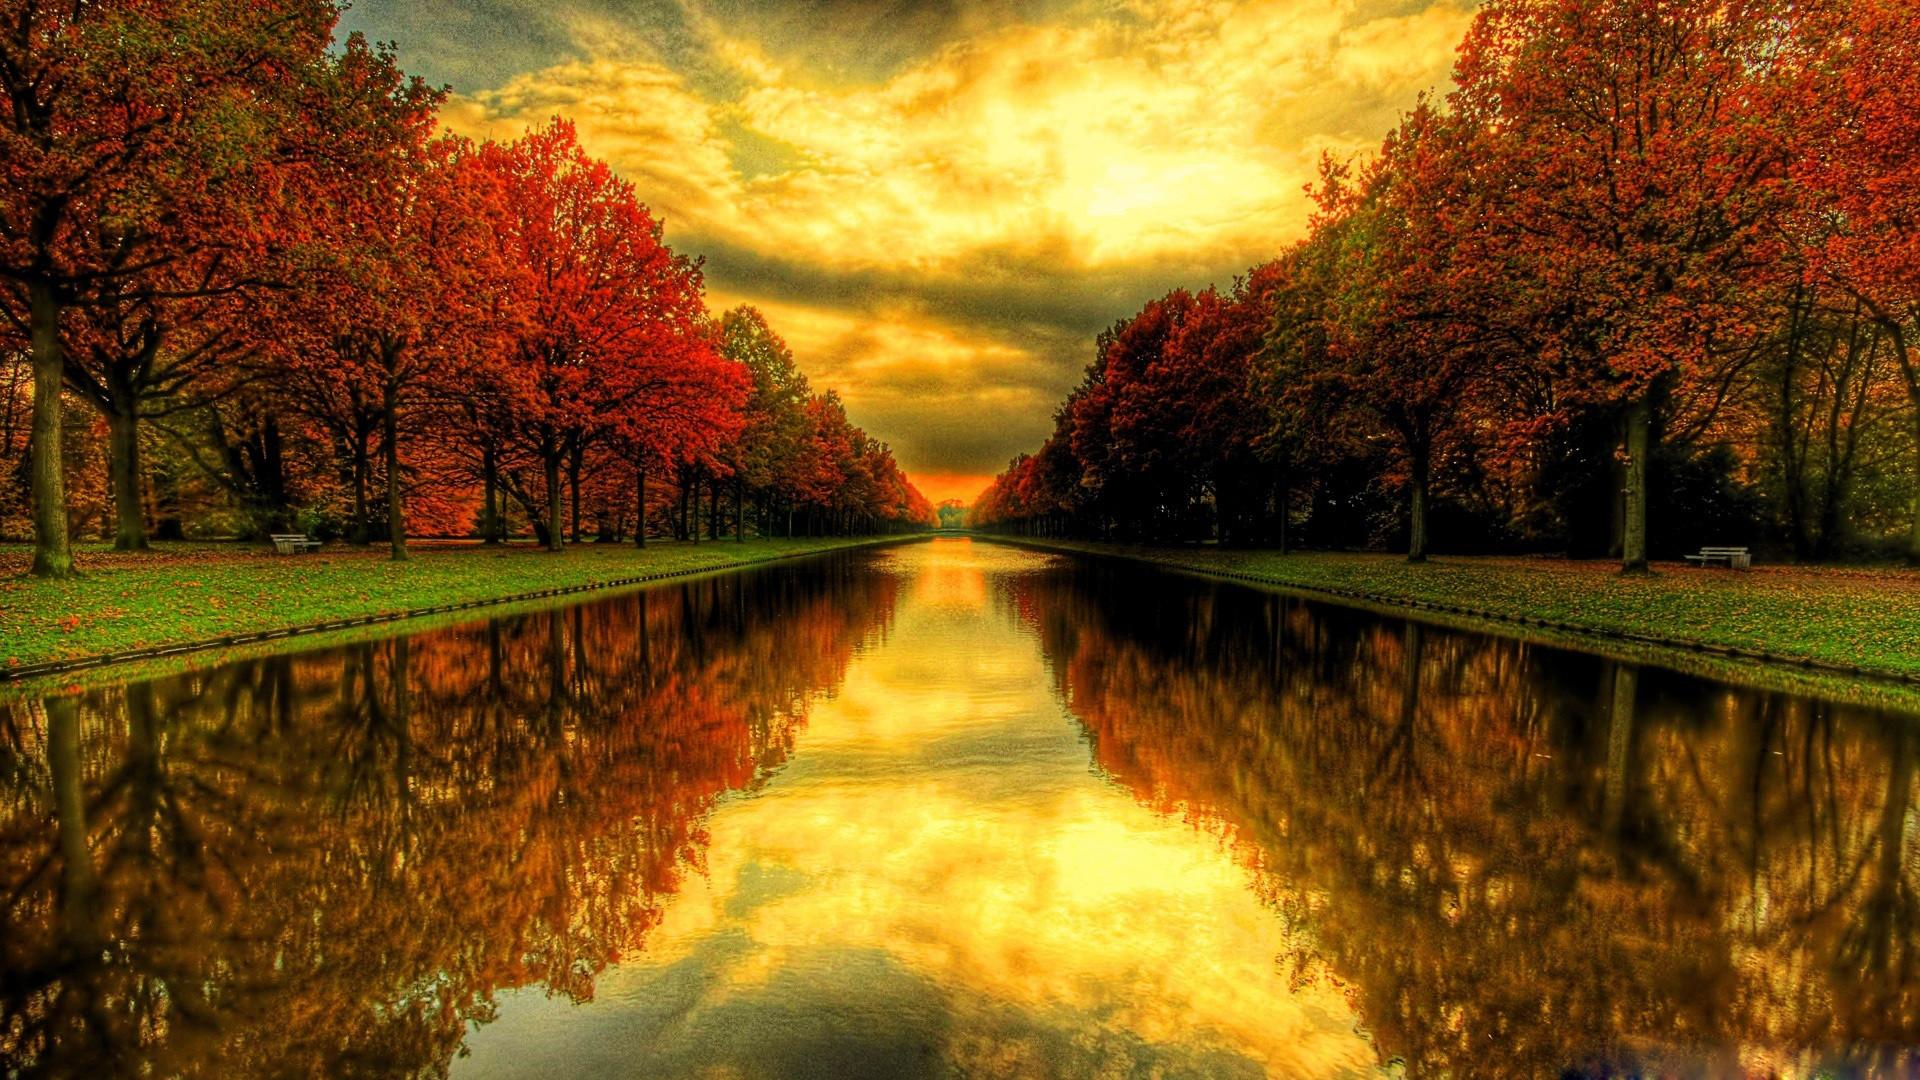 Fall hd great desktop backgrounds.